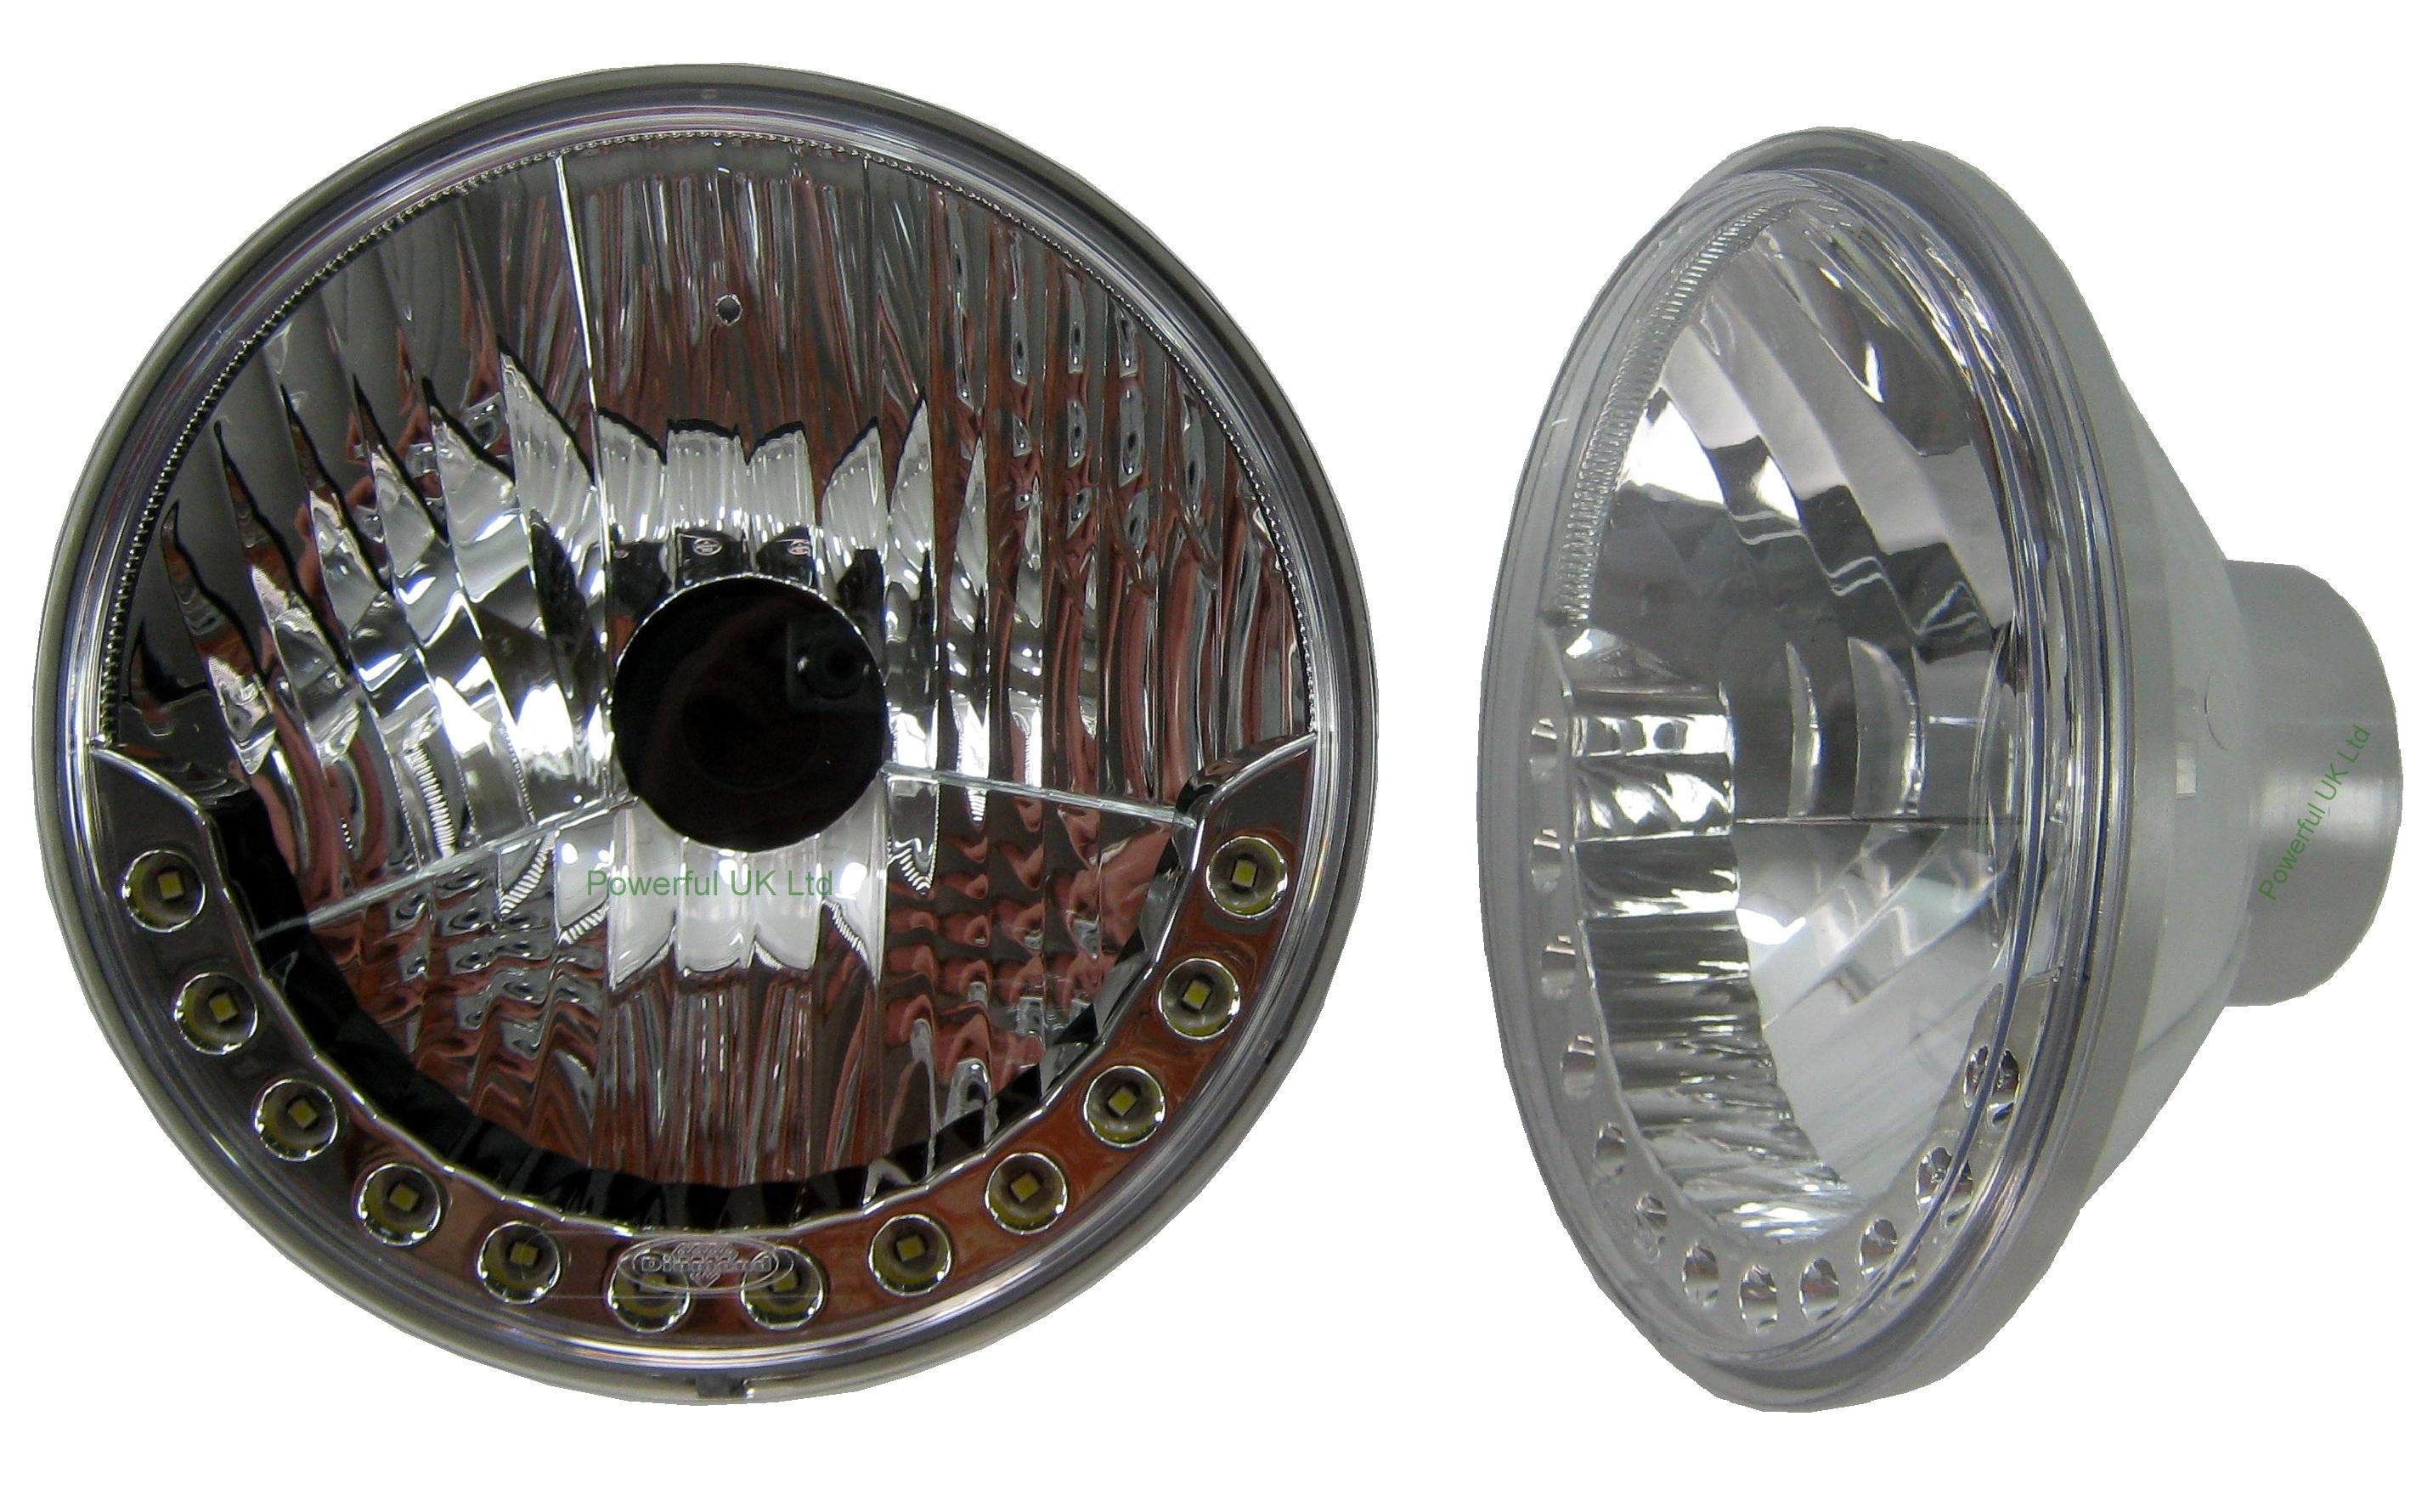 Halogen H4 Led Drl Style Head Lights For Morris Minor Van